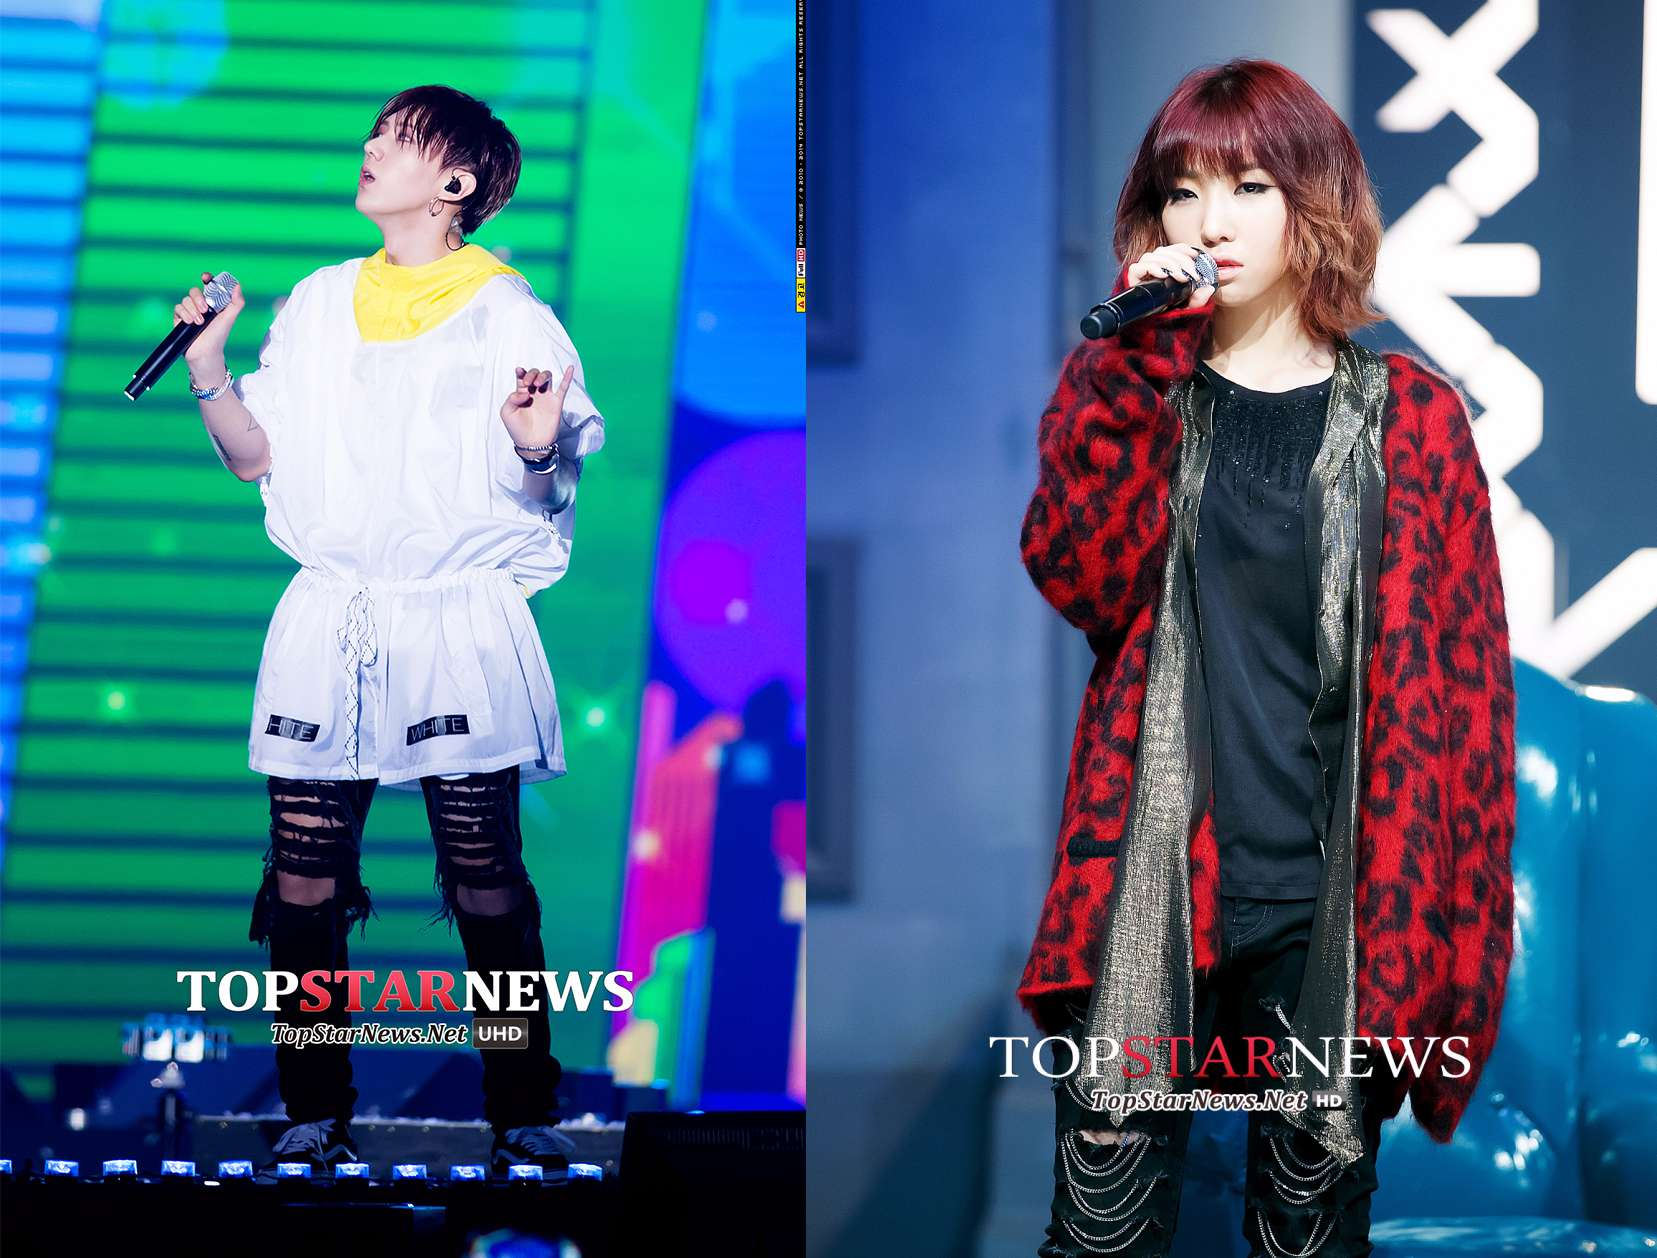 這月最震驚粉絲的應該就是Minzy和張賢勝相繼宣佈退出 2NE1 和 BEAST。